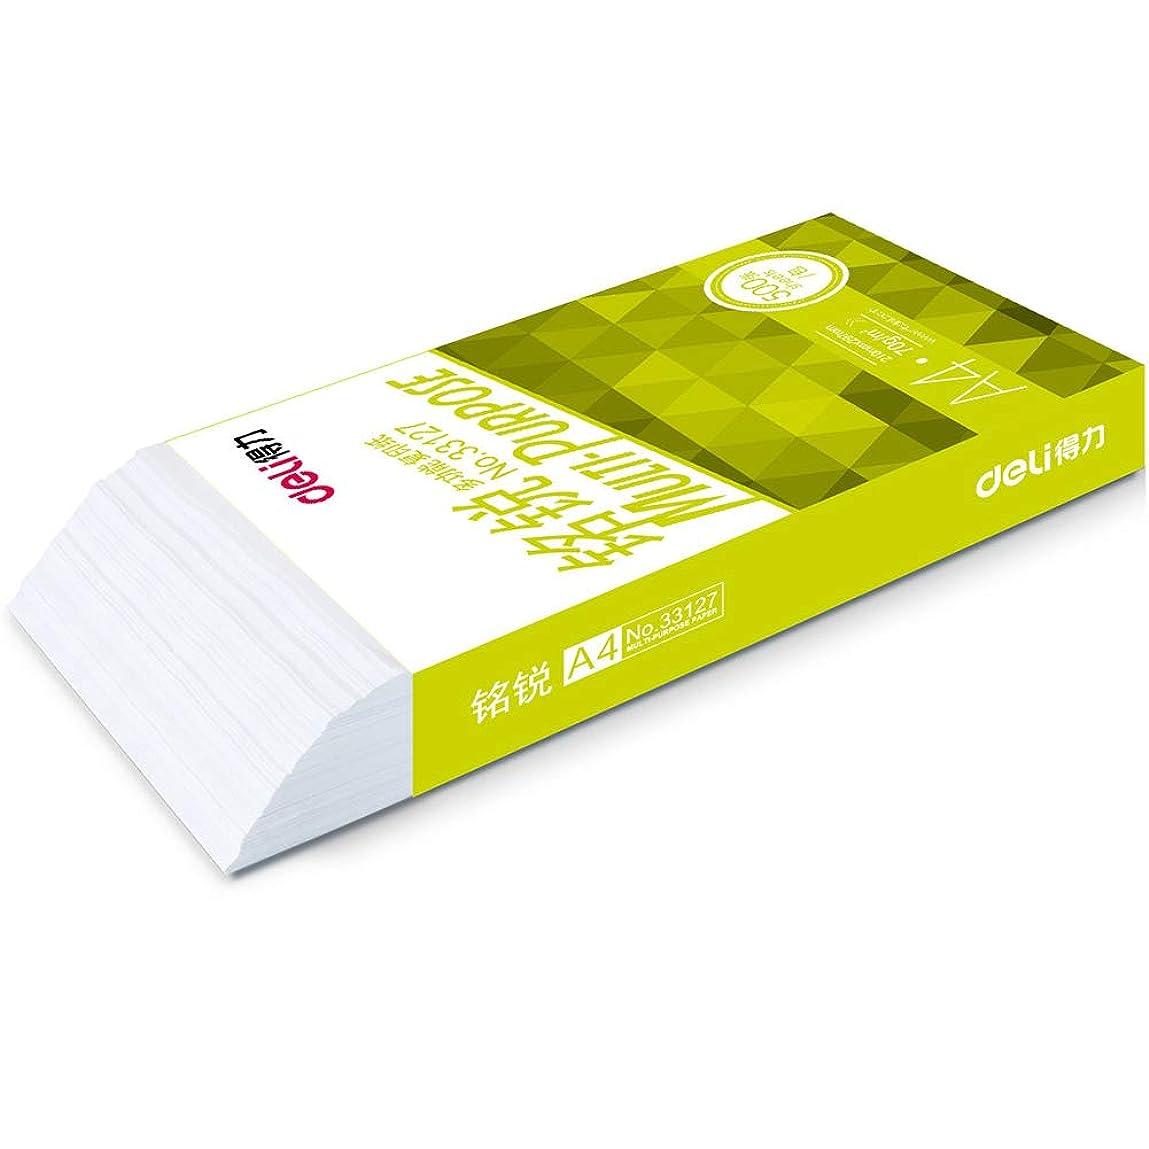 市場宴会パドルプリンター用紙 コピー用紙 500枚のA4のフルウッドのパルプのコピー機のコピー用紙のサイズ70g 80gはホワイトペーパーを印刷しました